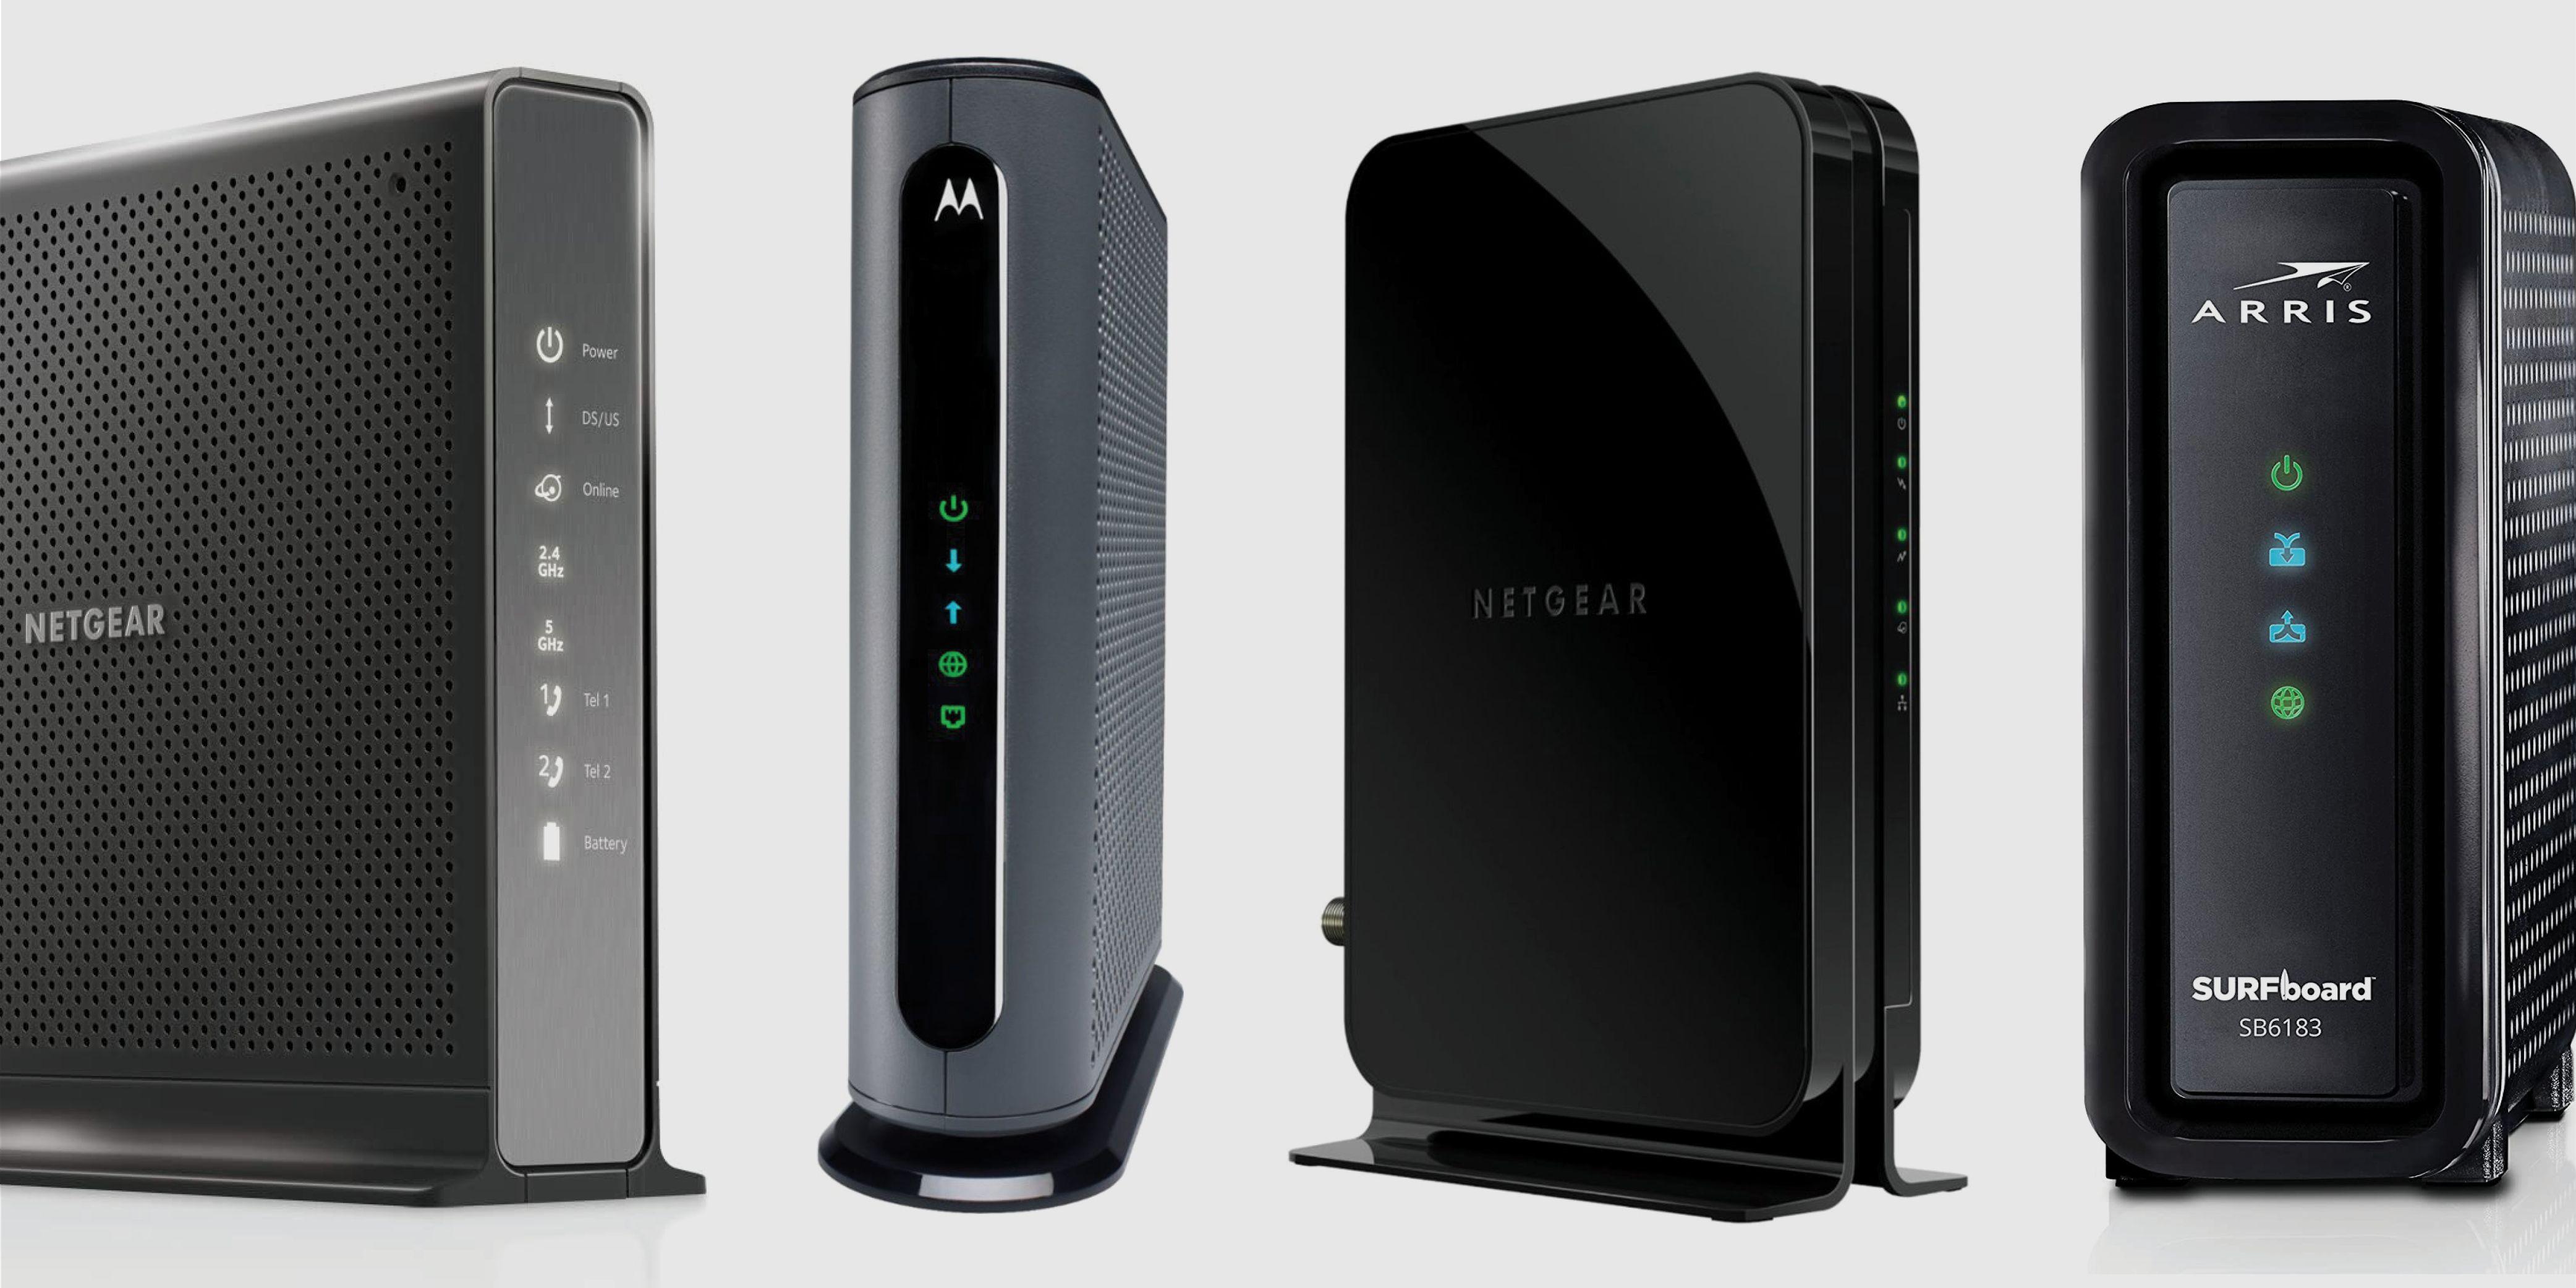 Best Internet Modems Home Internet Gadgets 2020